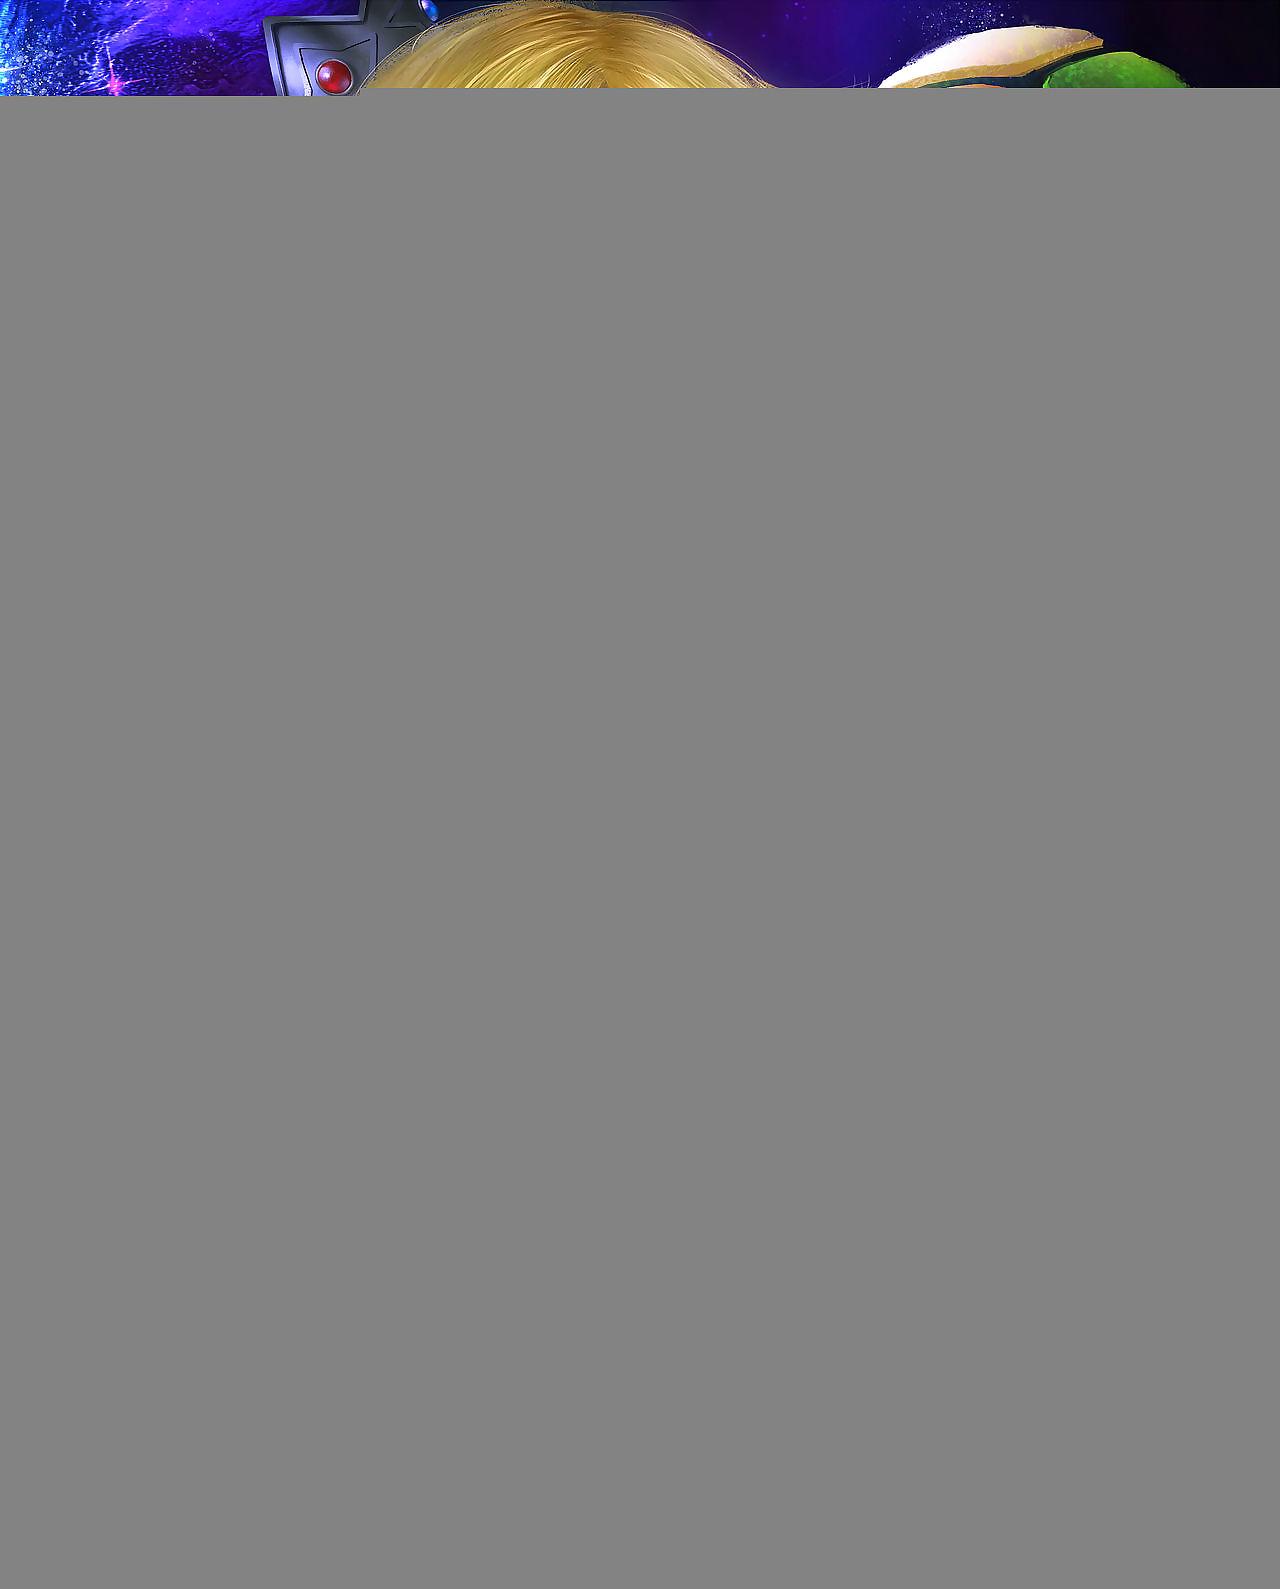 Draughtsman - LoganCure - loyalty 9